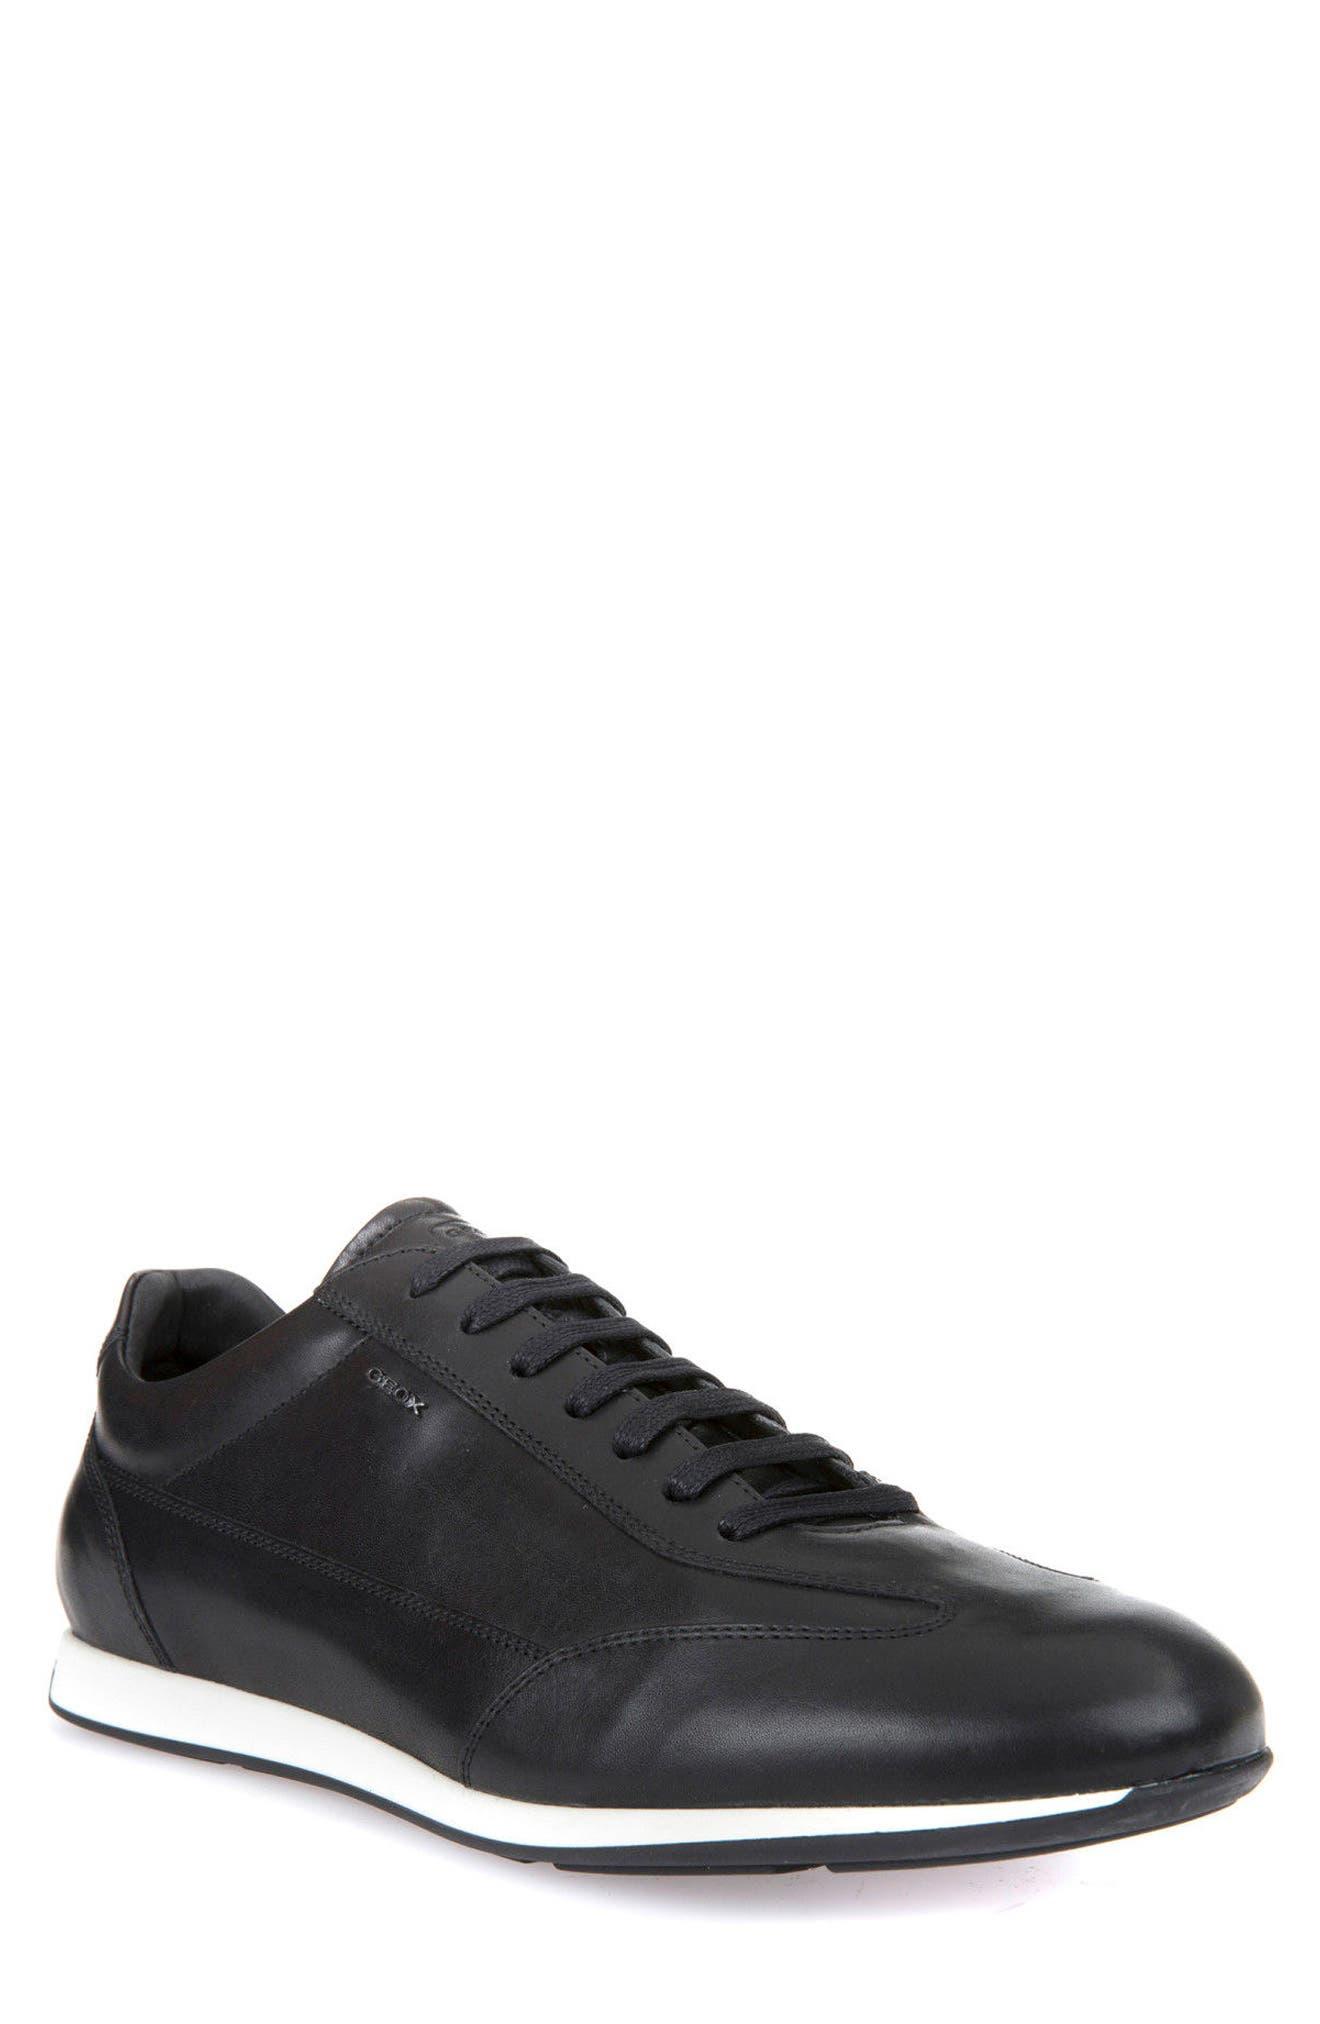 Geox Clemet 1 Sneaker (Men)